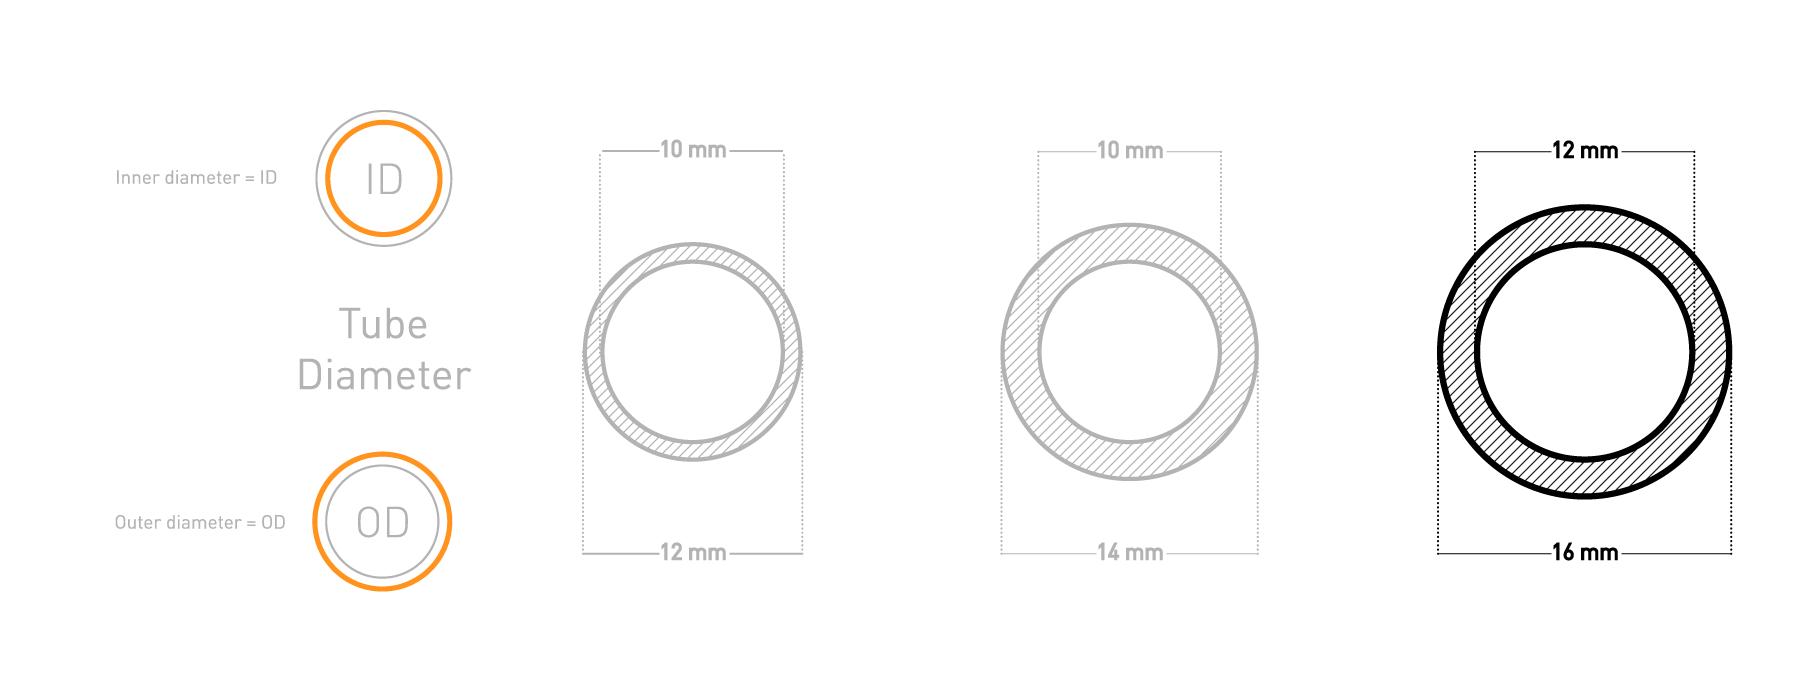 EK pre-bent tubing diagram